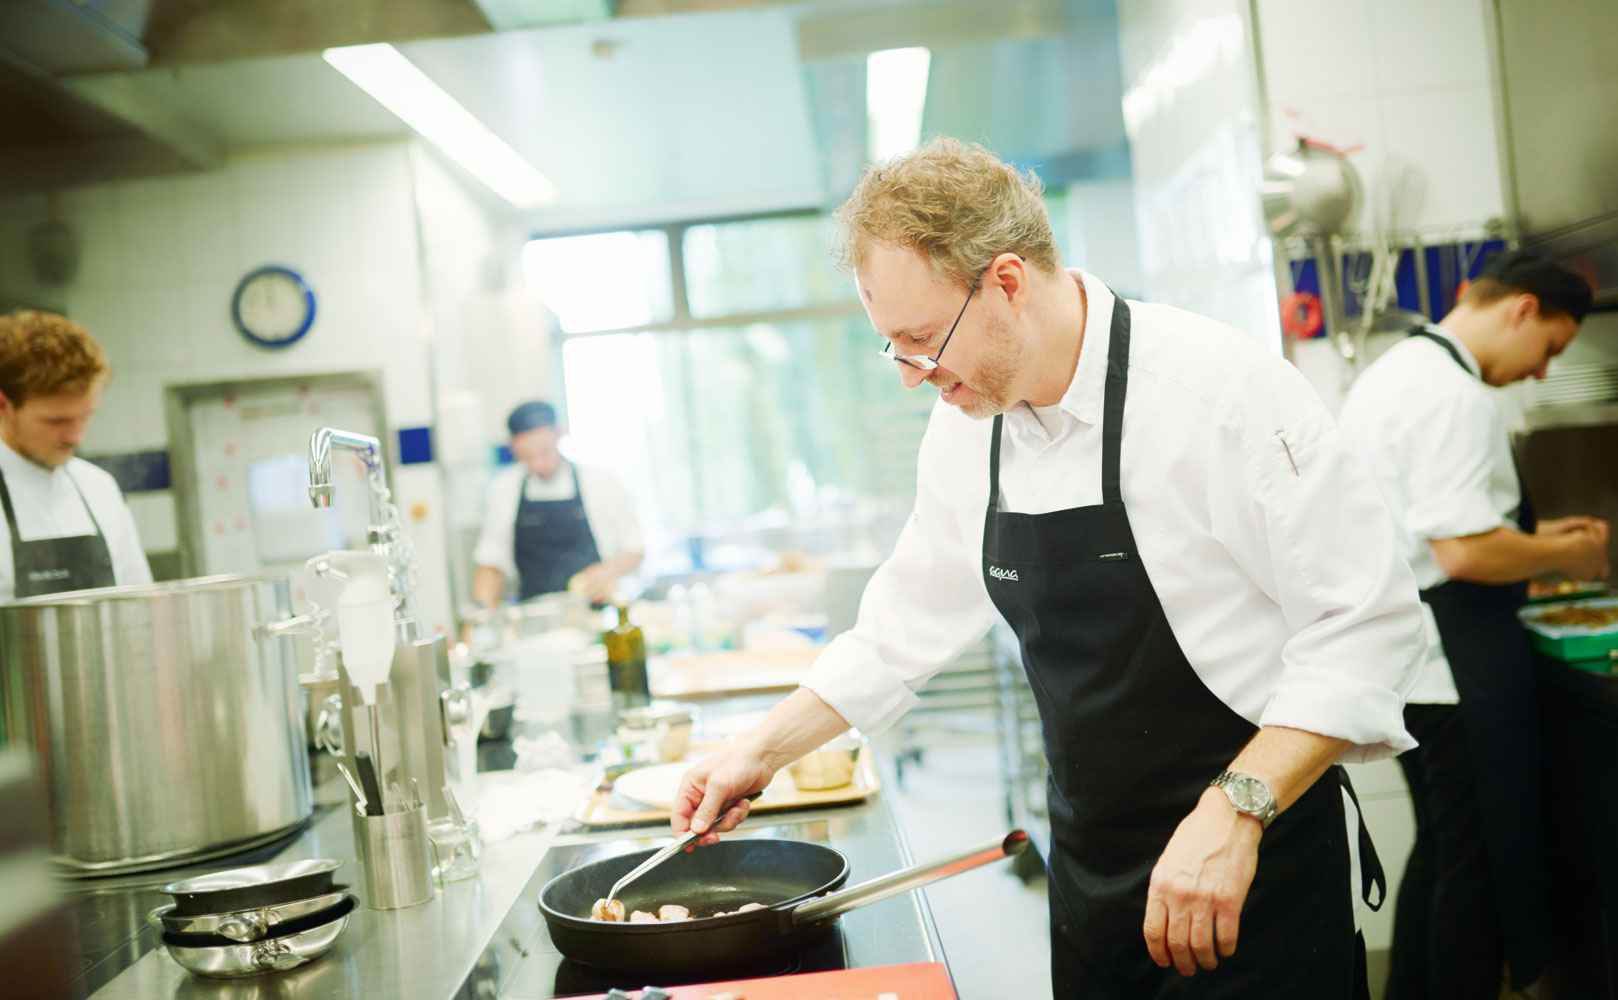 Sven Elverfeld in der Küche